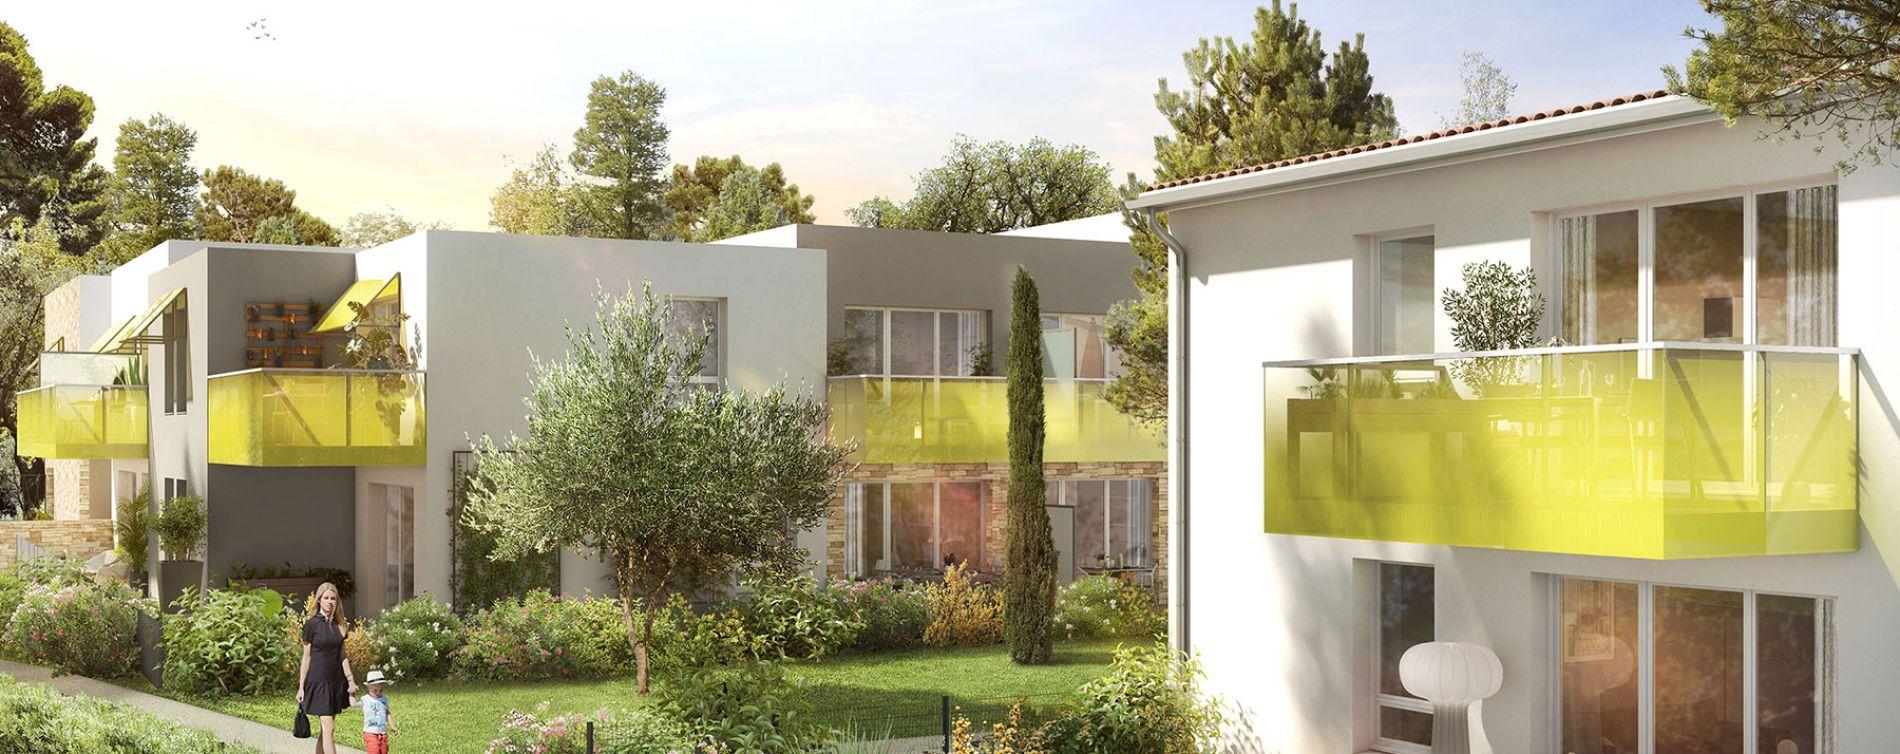 Résidence Oléane à Montpellier